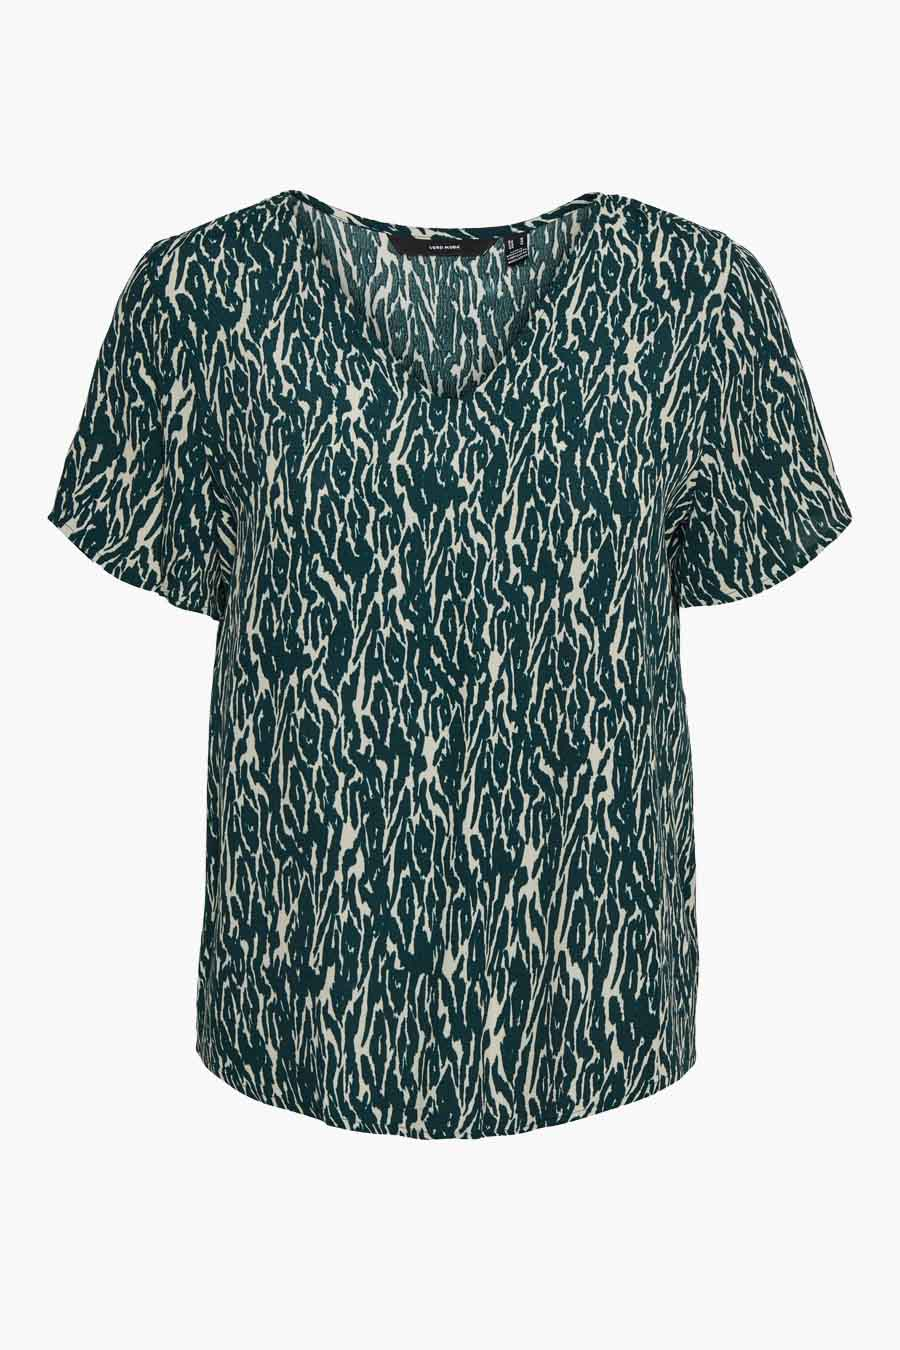 Vero Moda® Blouse korte mouwen, Groen, Dames, Maat: M/S/XS